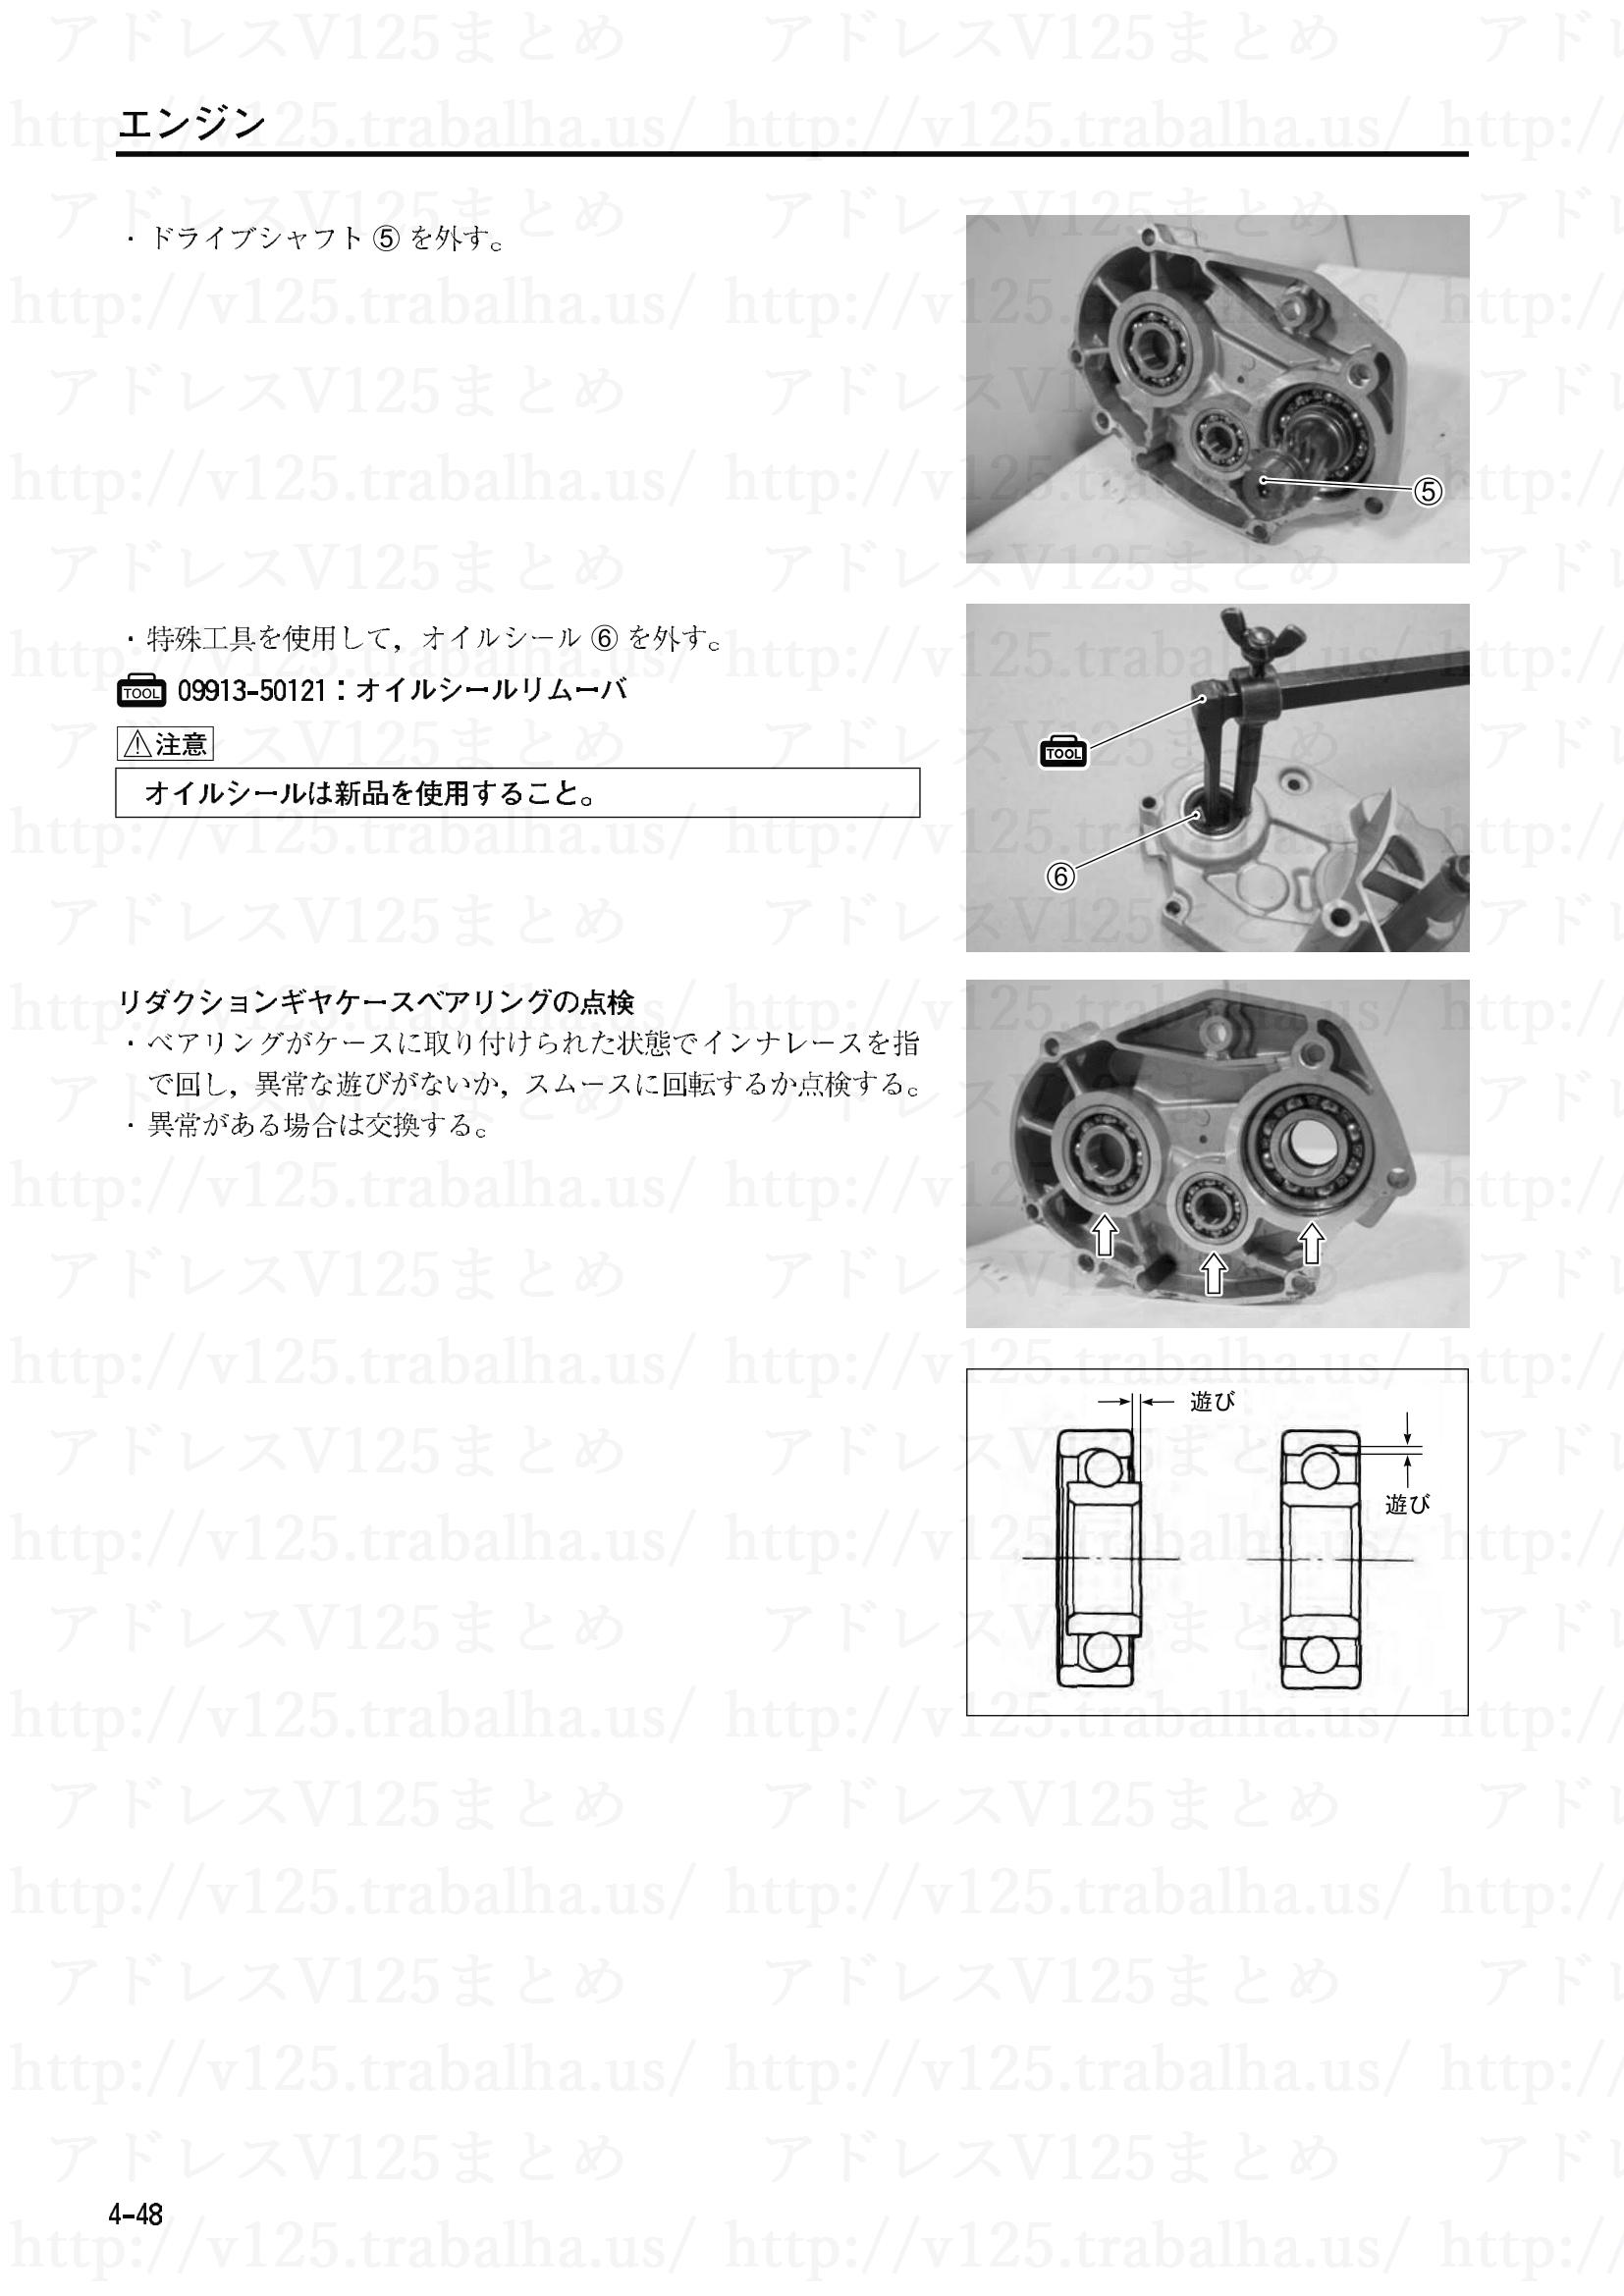 4-48【エンジン】エンジン部組部品の点検26